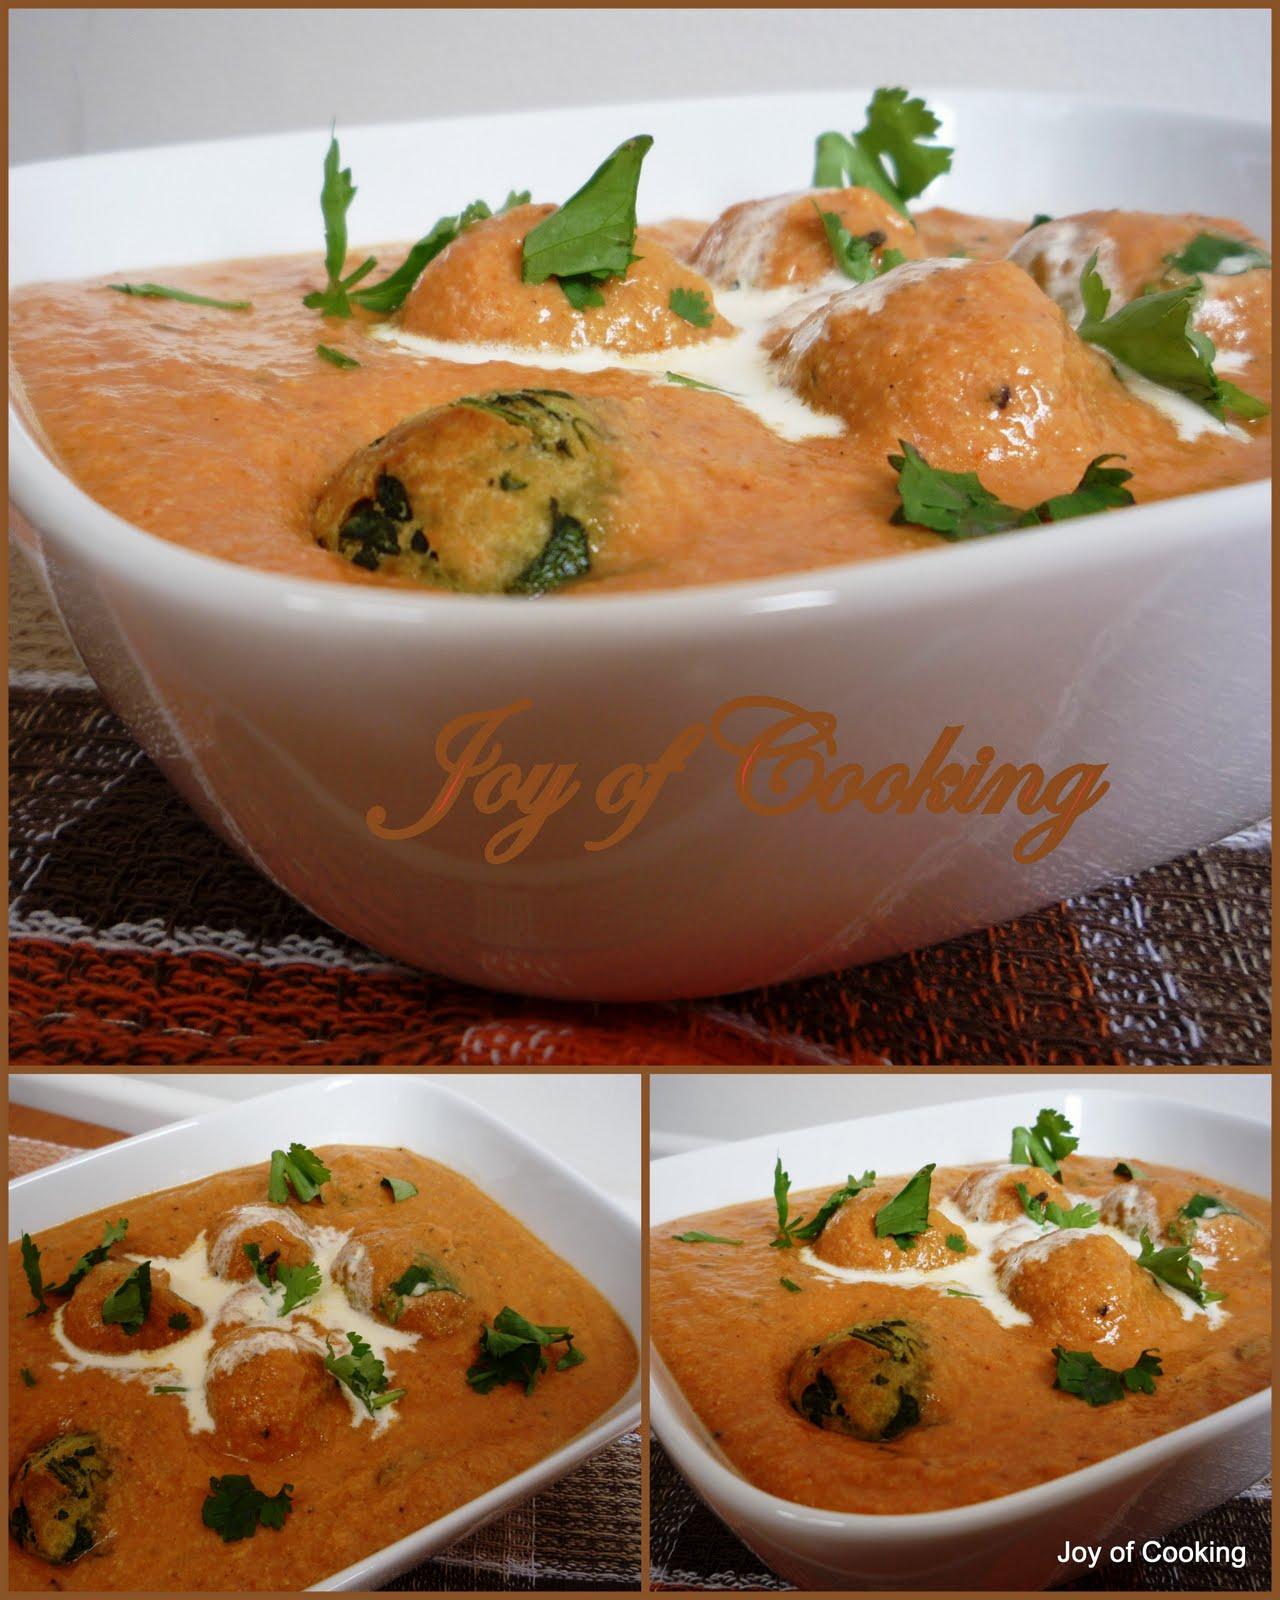 Jagruti's Cooking Odyssey: Paneer and Palak Kofta Curry